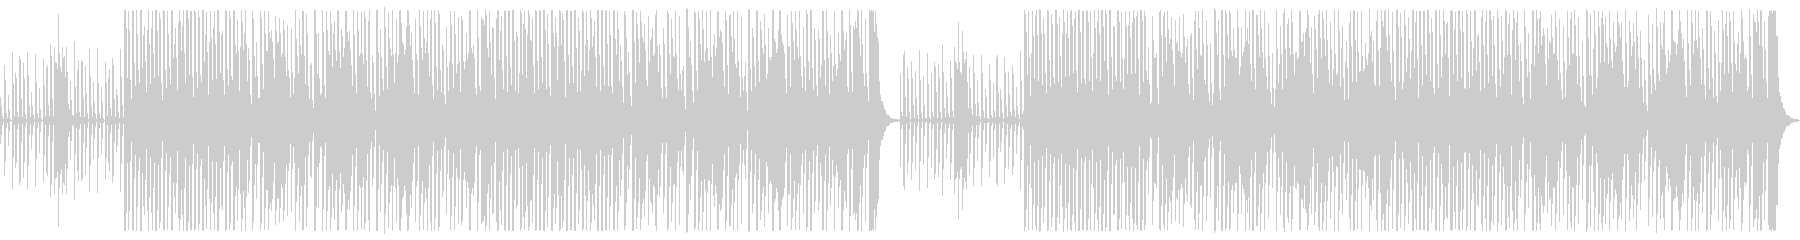 クラリネット中心、おどけた雰囲気の器楽曲の未再生の波形